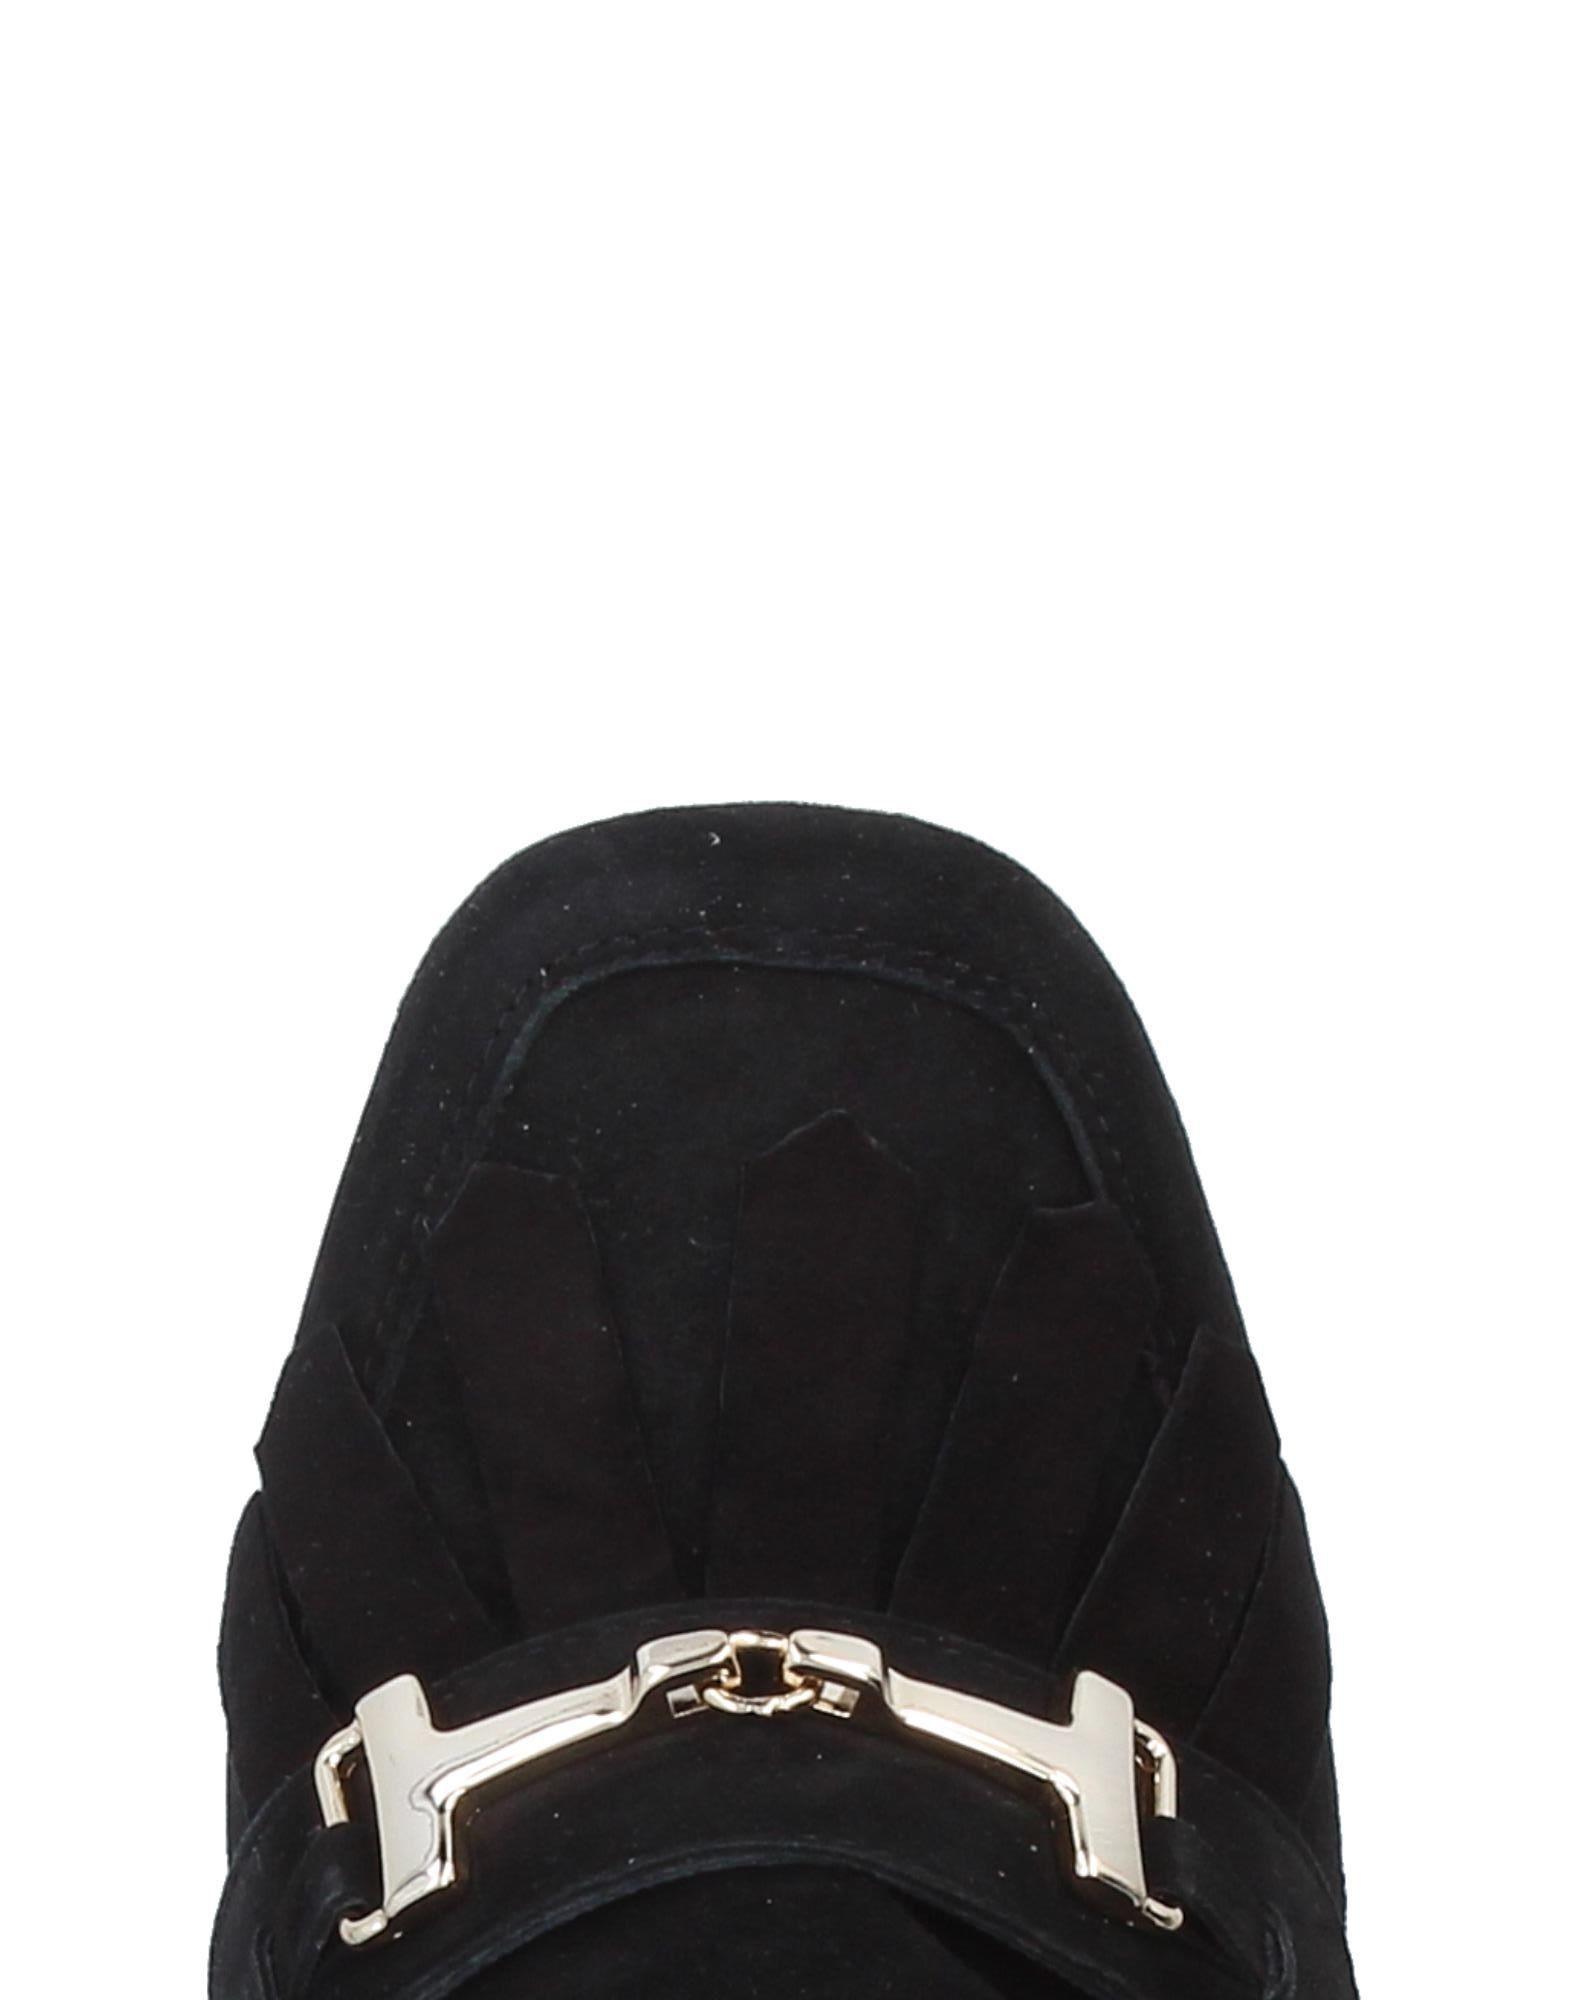 Unlace Mokassins Damen  11371386GO Gute Qualität beliebte Schuhe